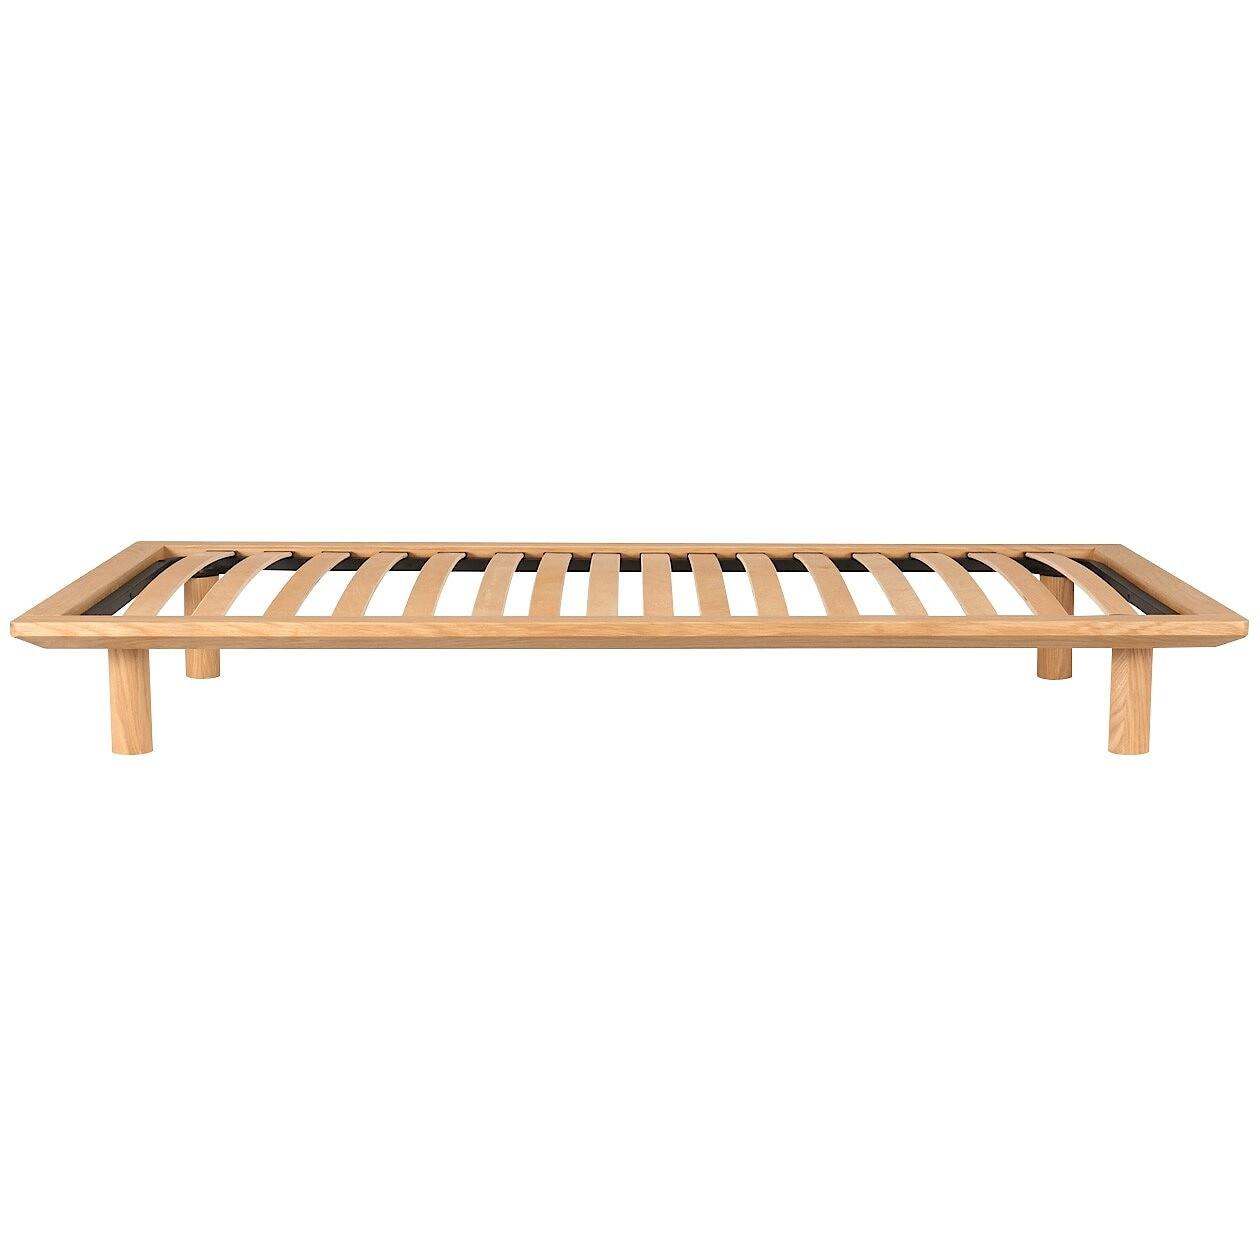 [무인양품] MUJI 침대프레임 싱글 오크 다리 별매 폭103x깊이202×높이5.5cm 일본 공식스토어 상품